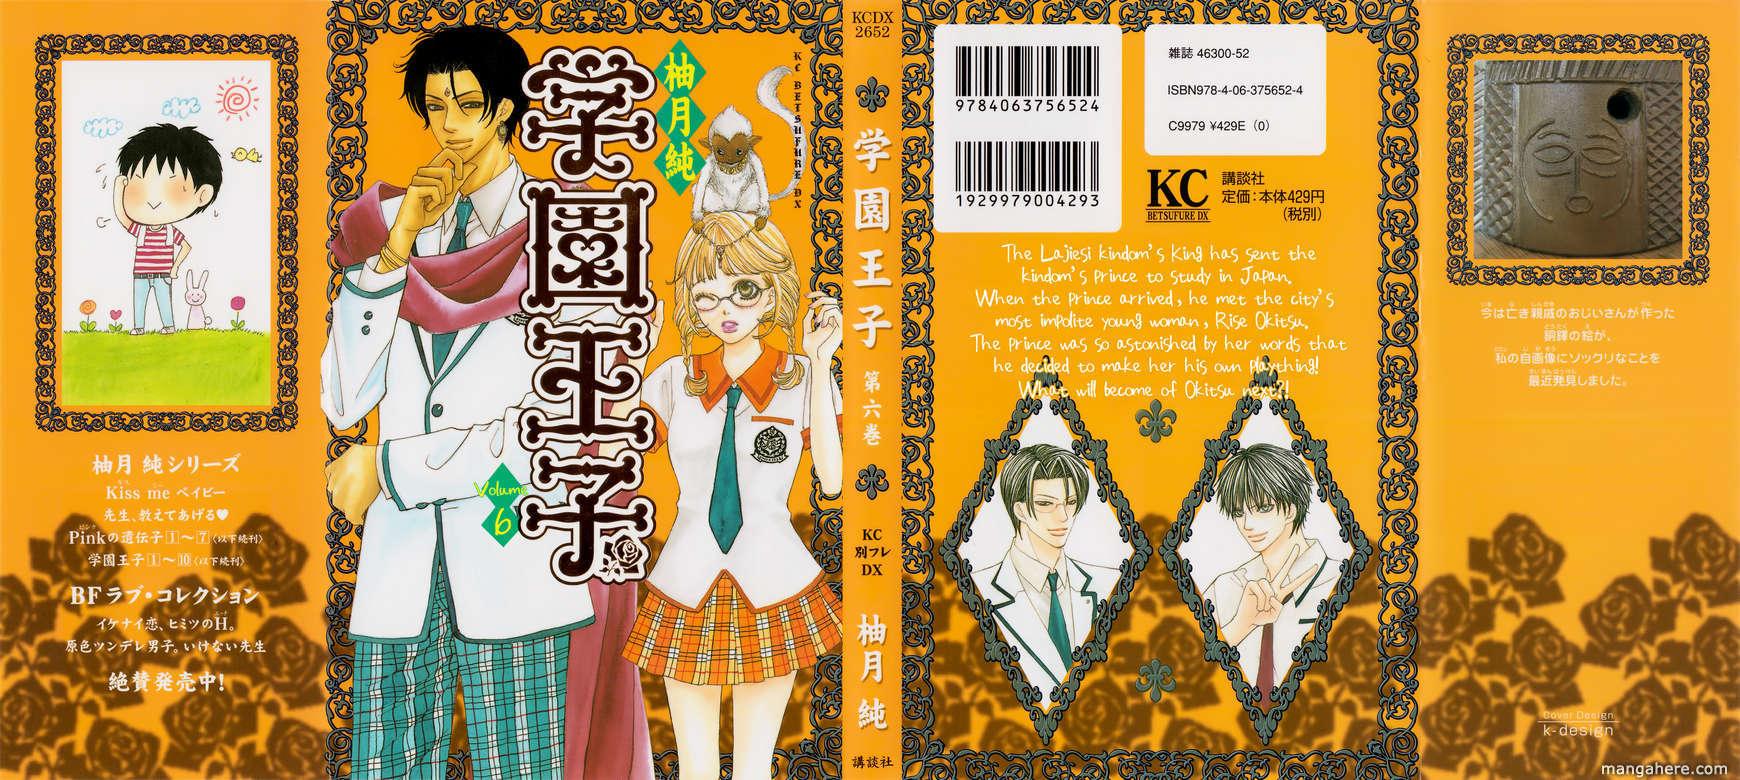 Gakuen Ouji 21 Page 1